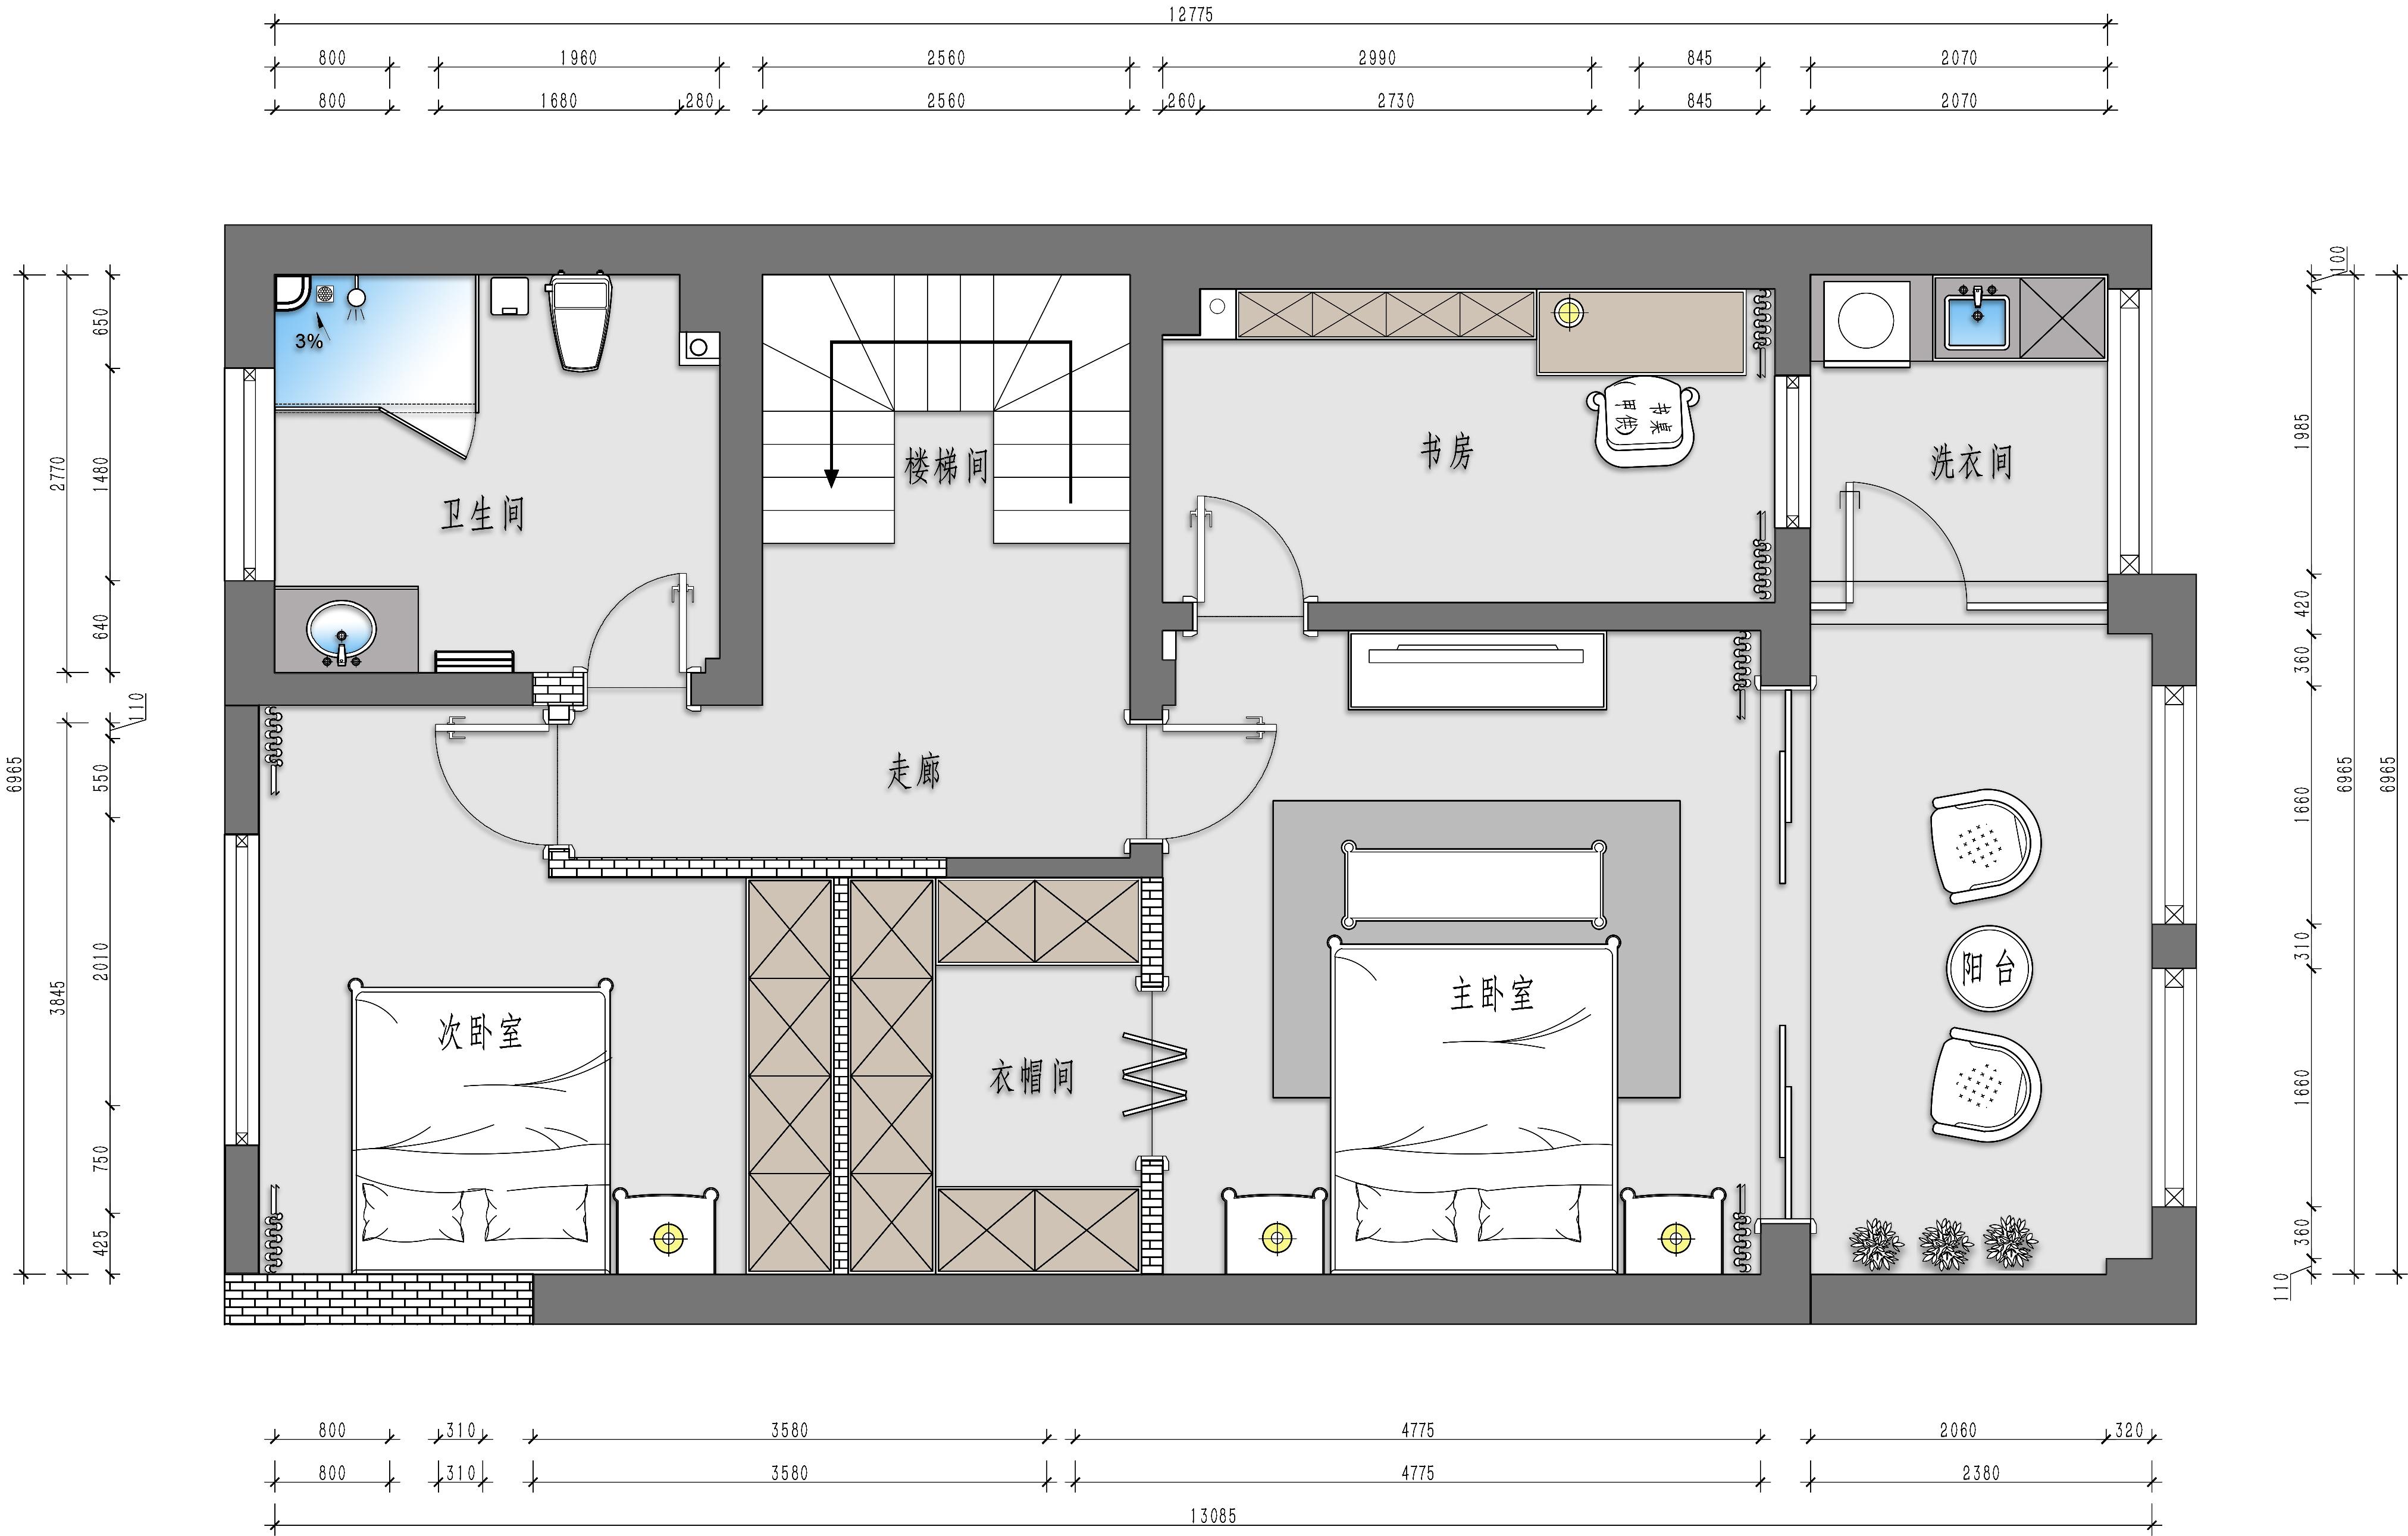 东方龙御 238m² 美式风格装修设计理念